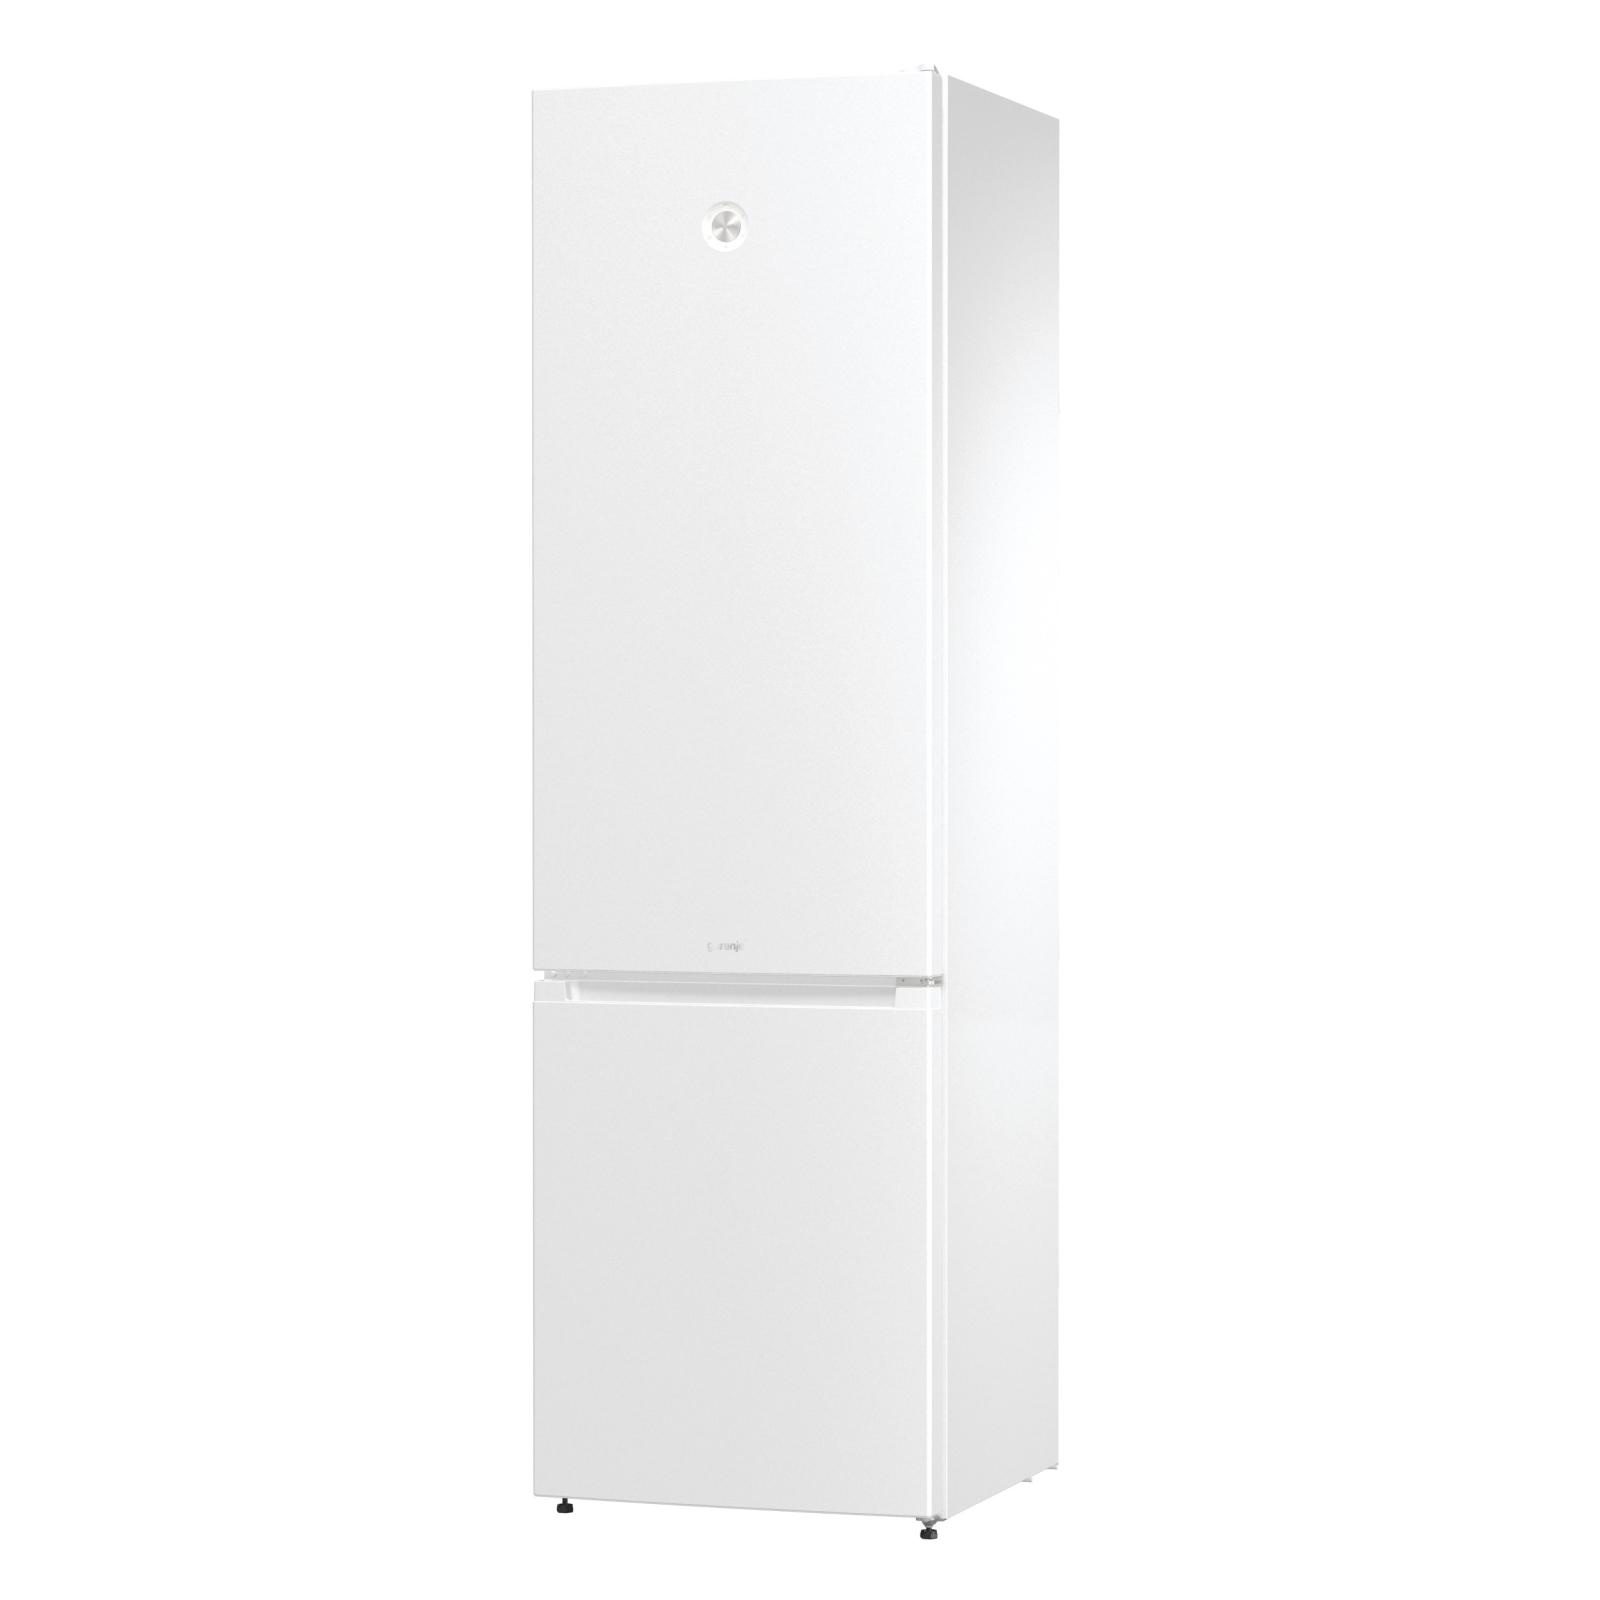 Холодильник Gorenje NRK621SYW4 изображение 2